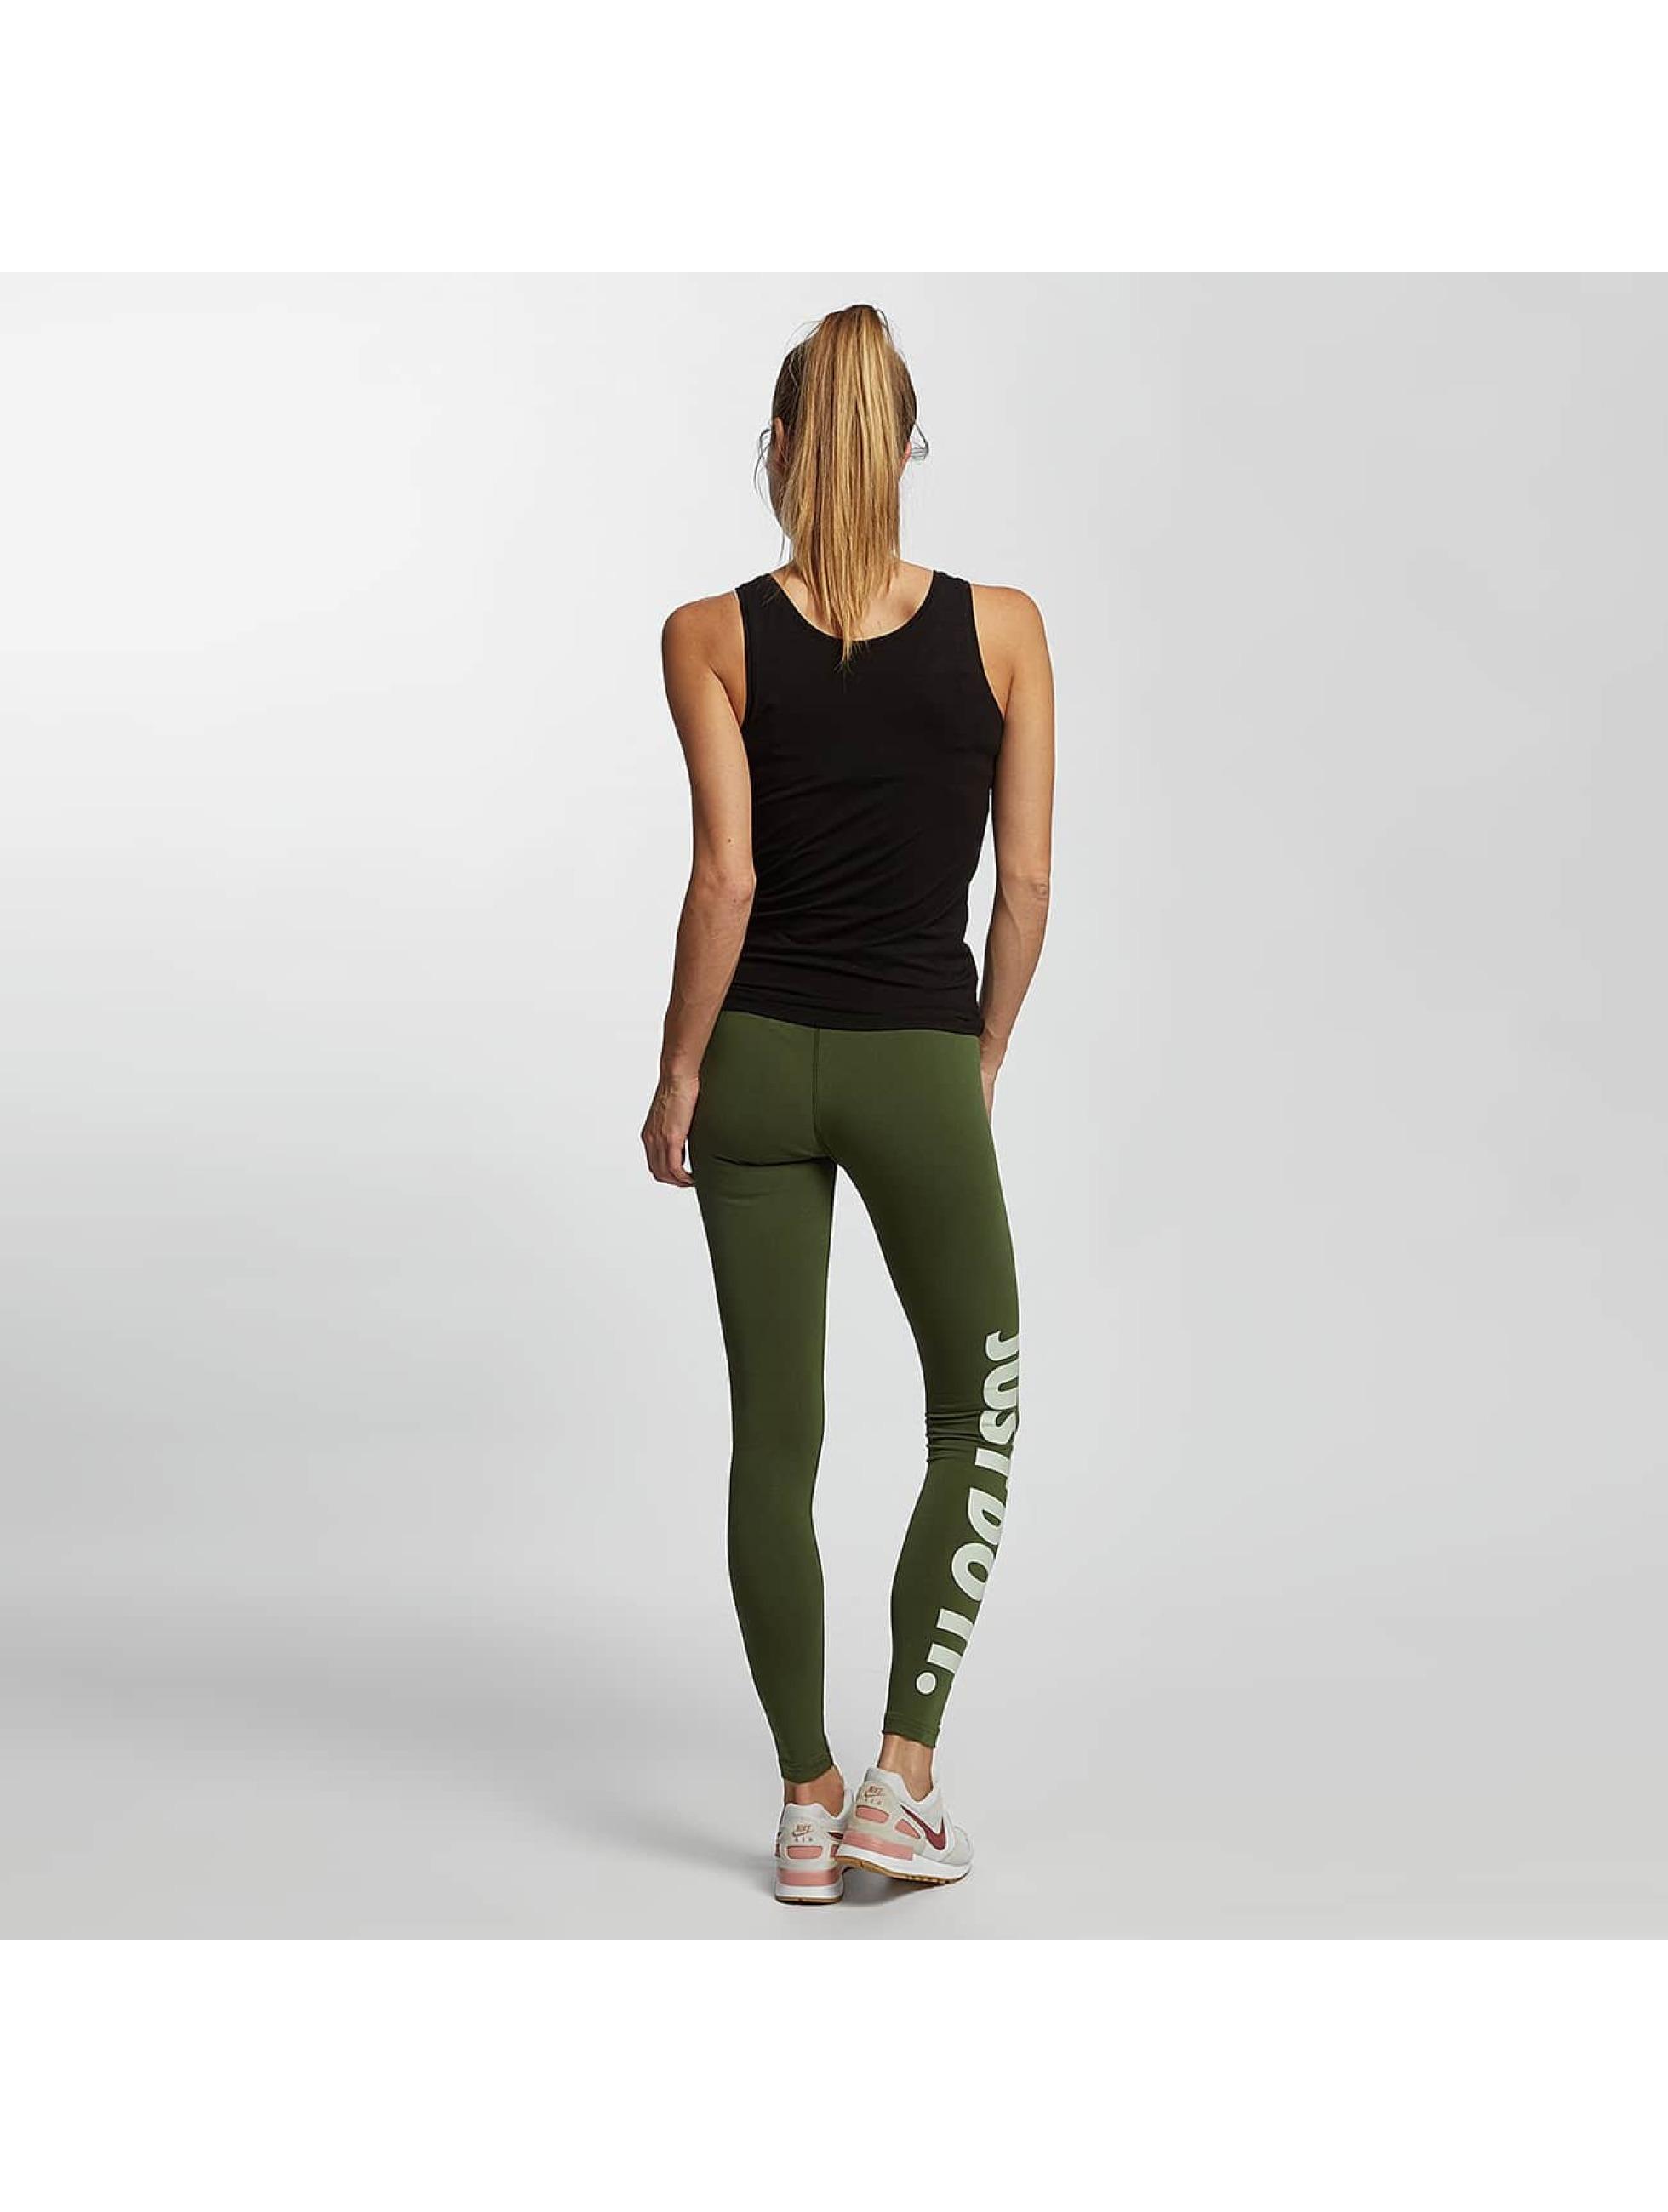 Nike Legíny/Tregíny Just Do It olivová